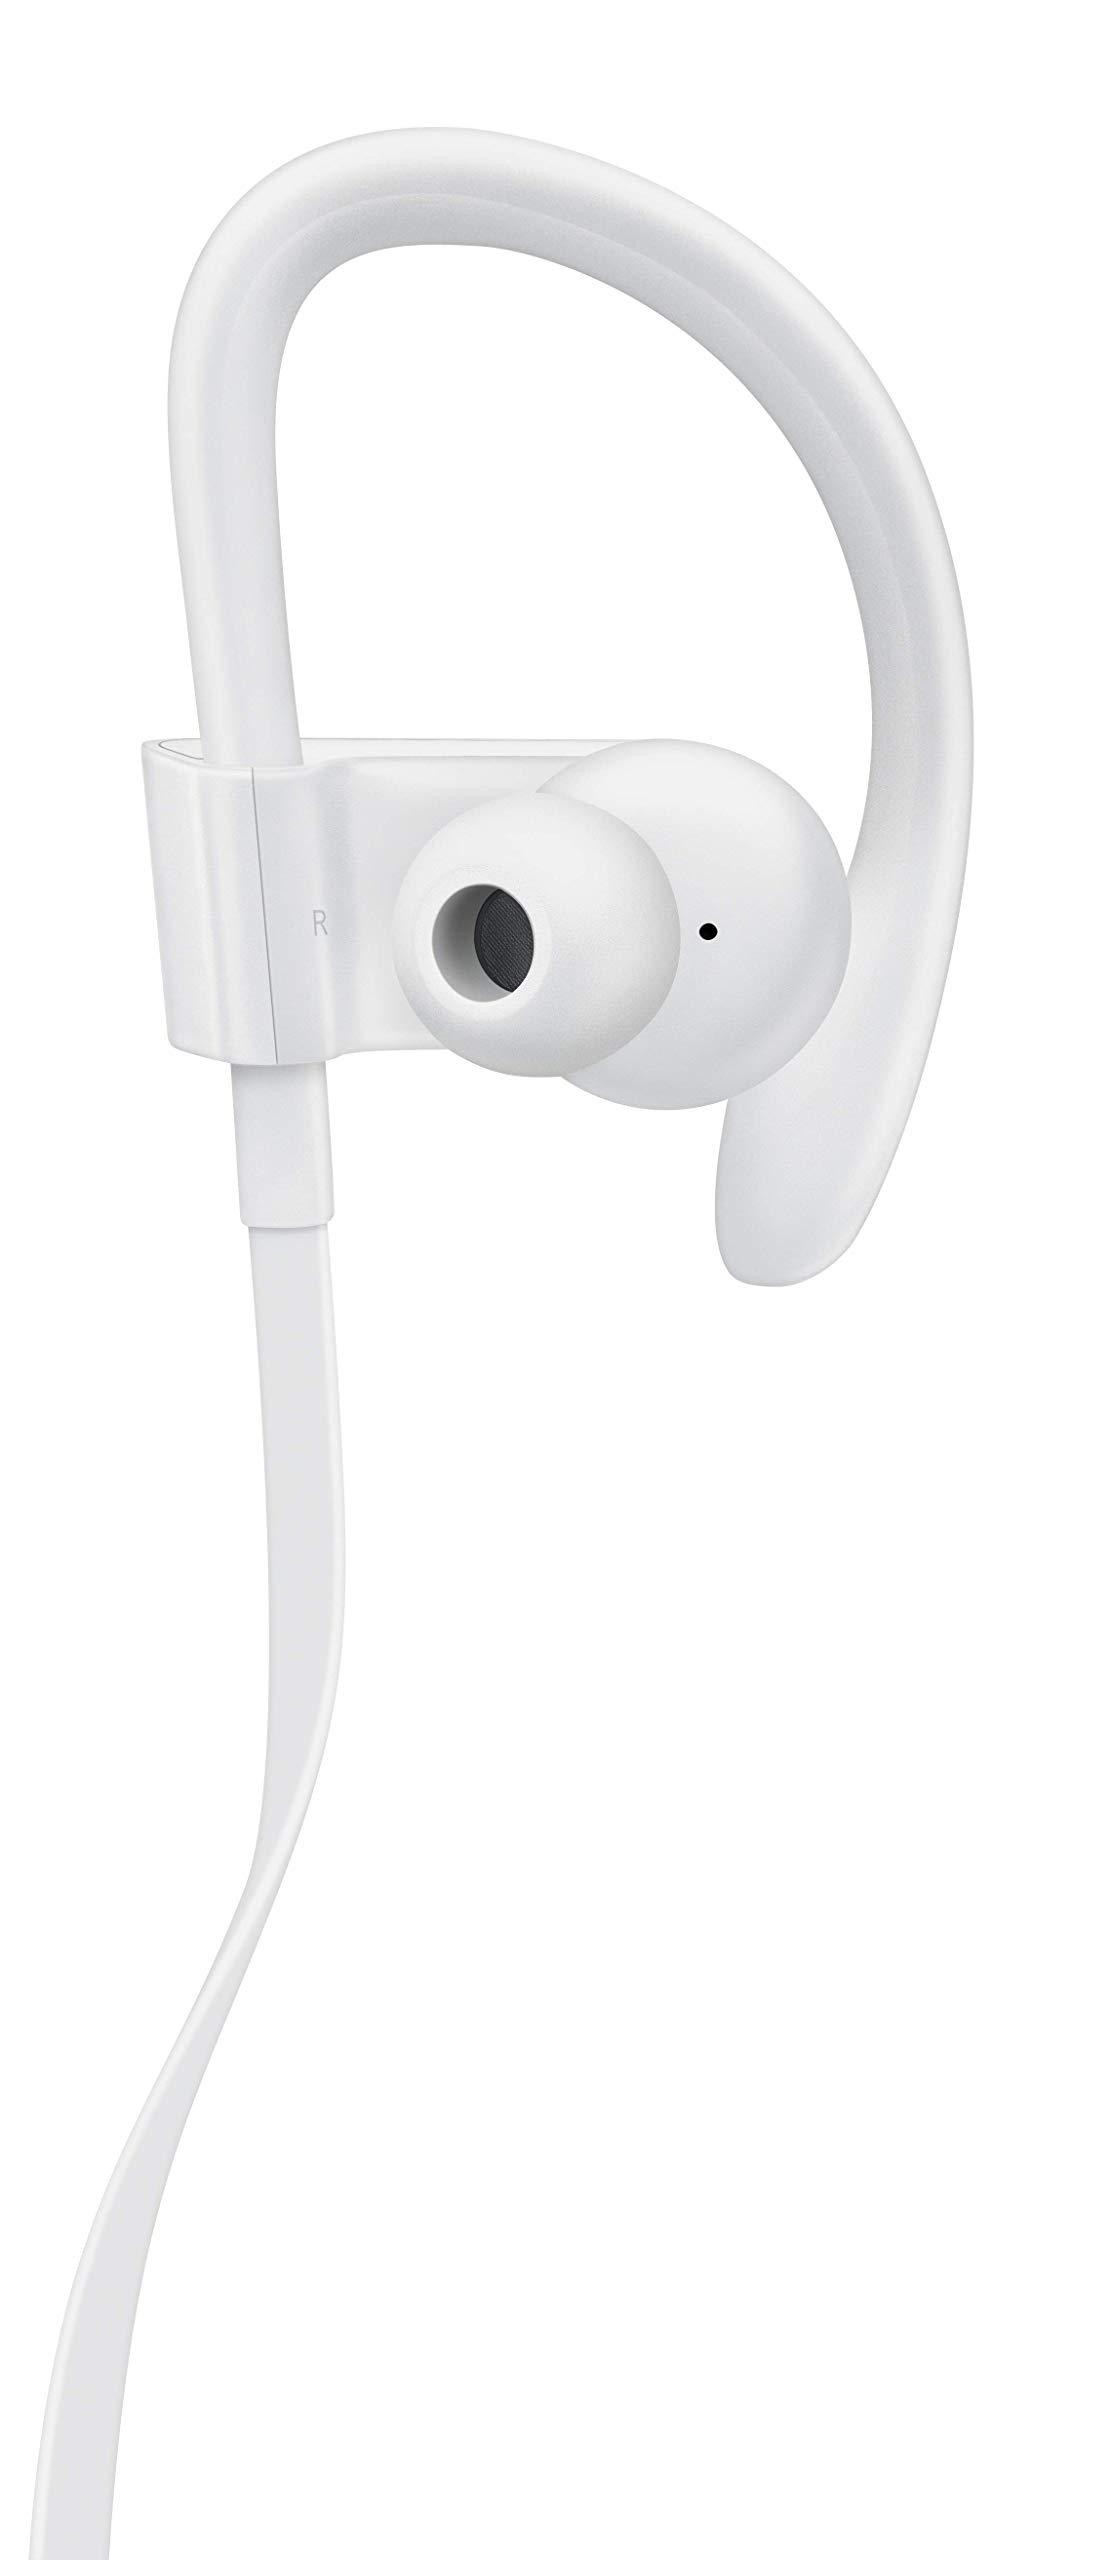 Powerbeats3 Wireless Earphones - White by Beats (Image #2)